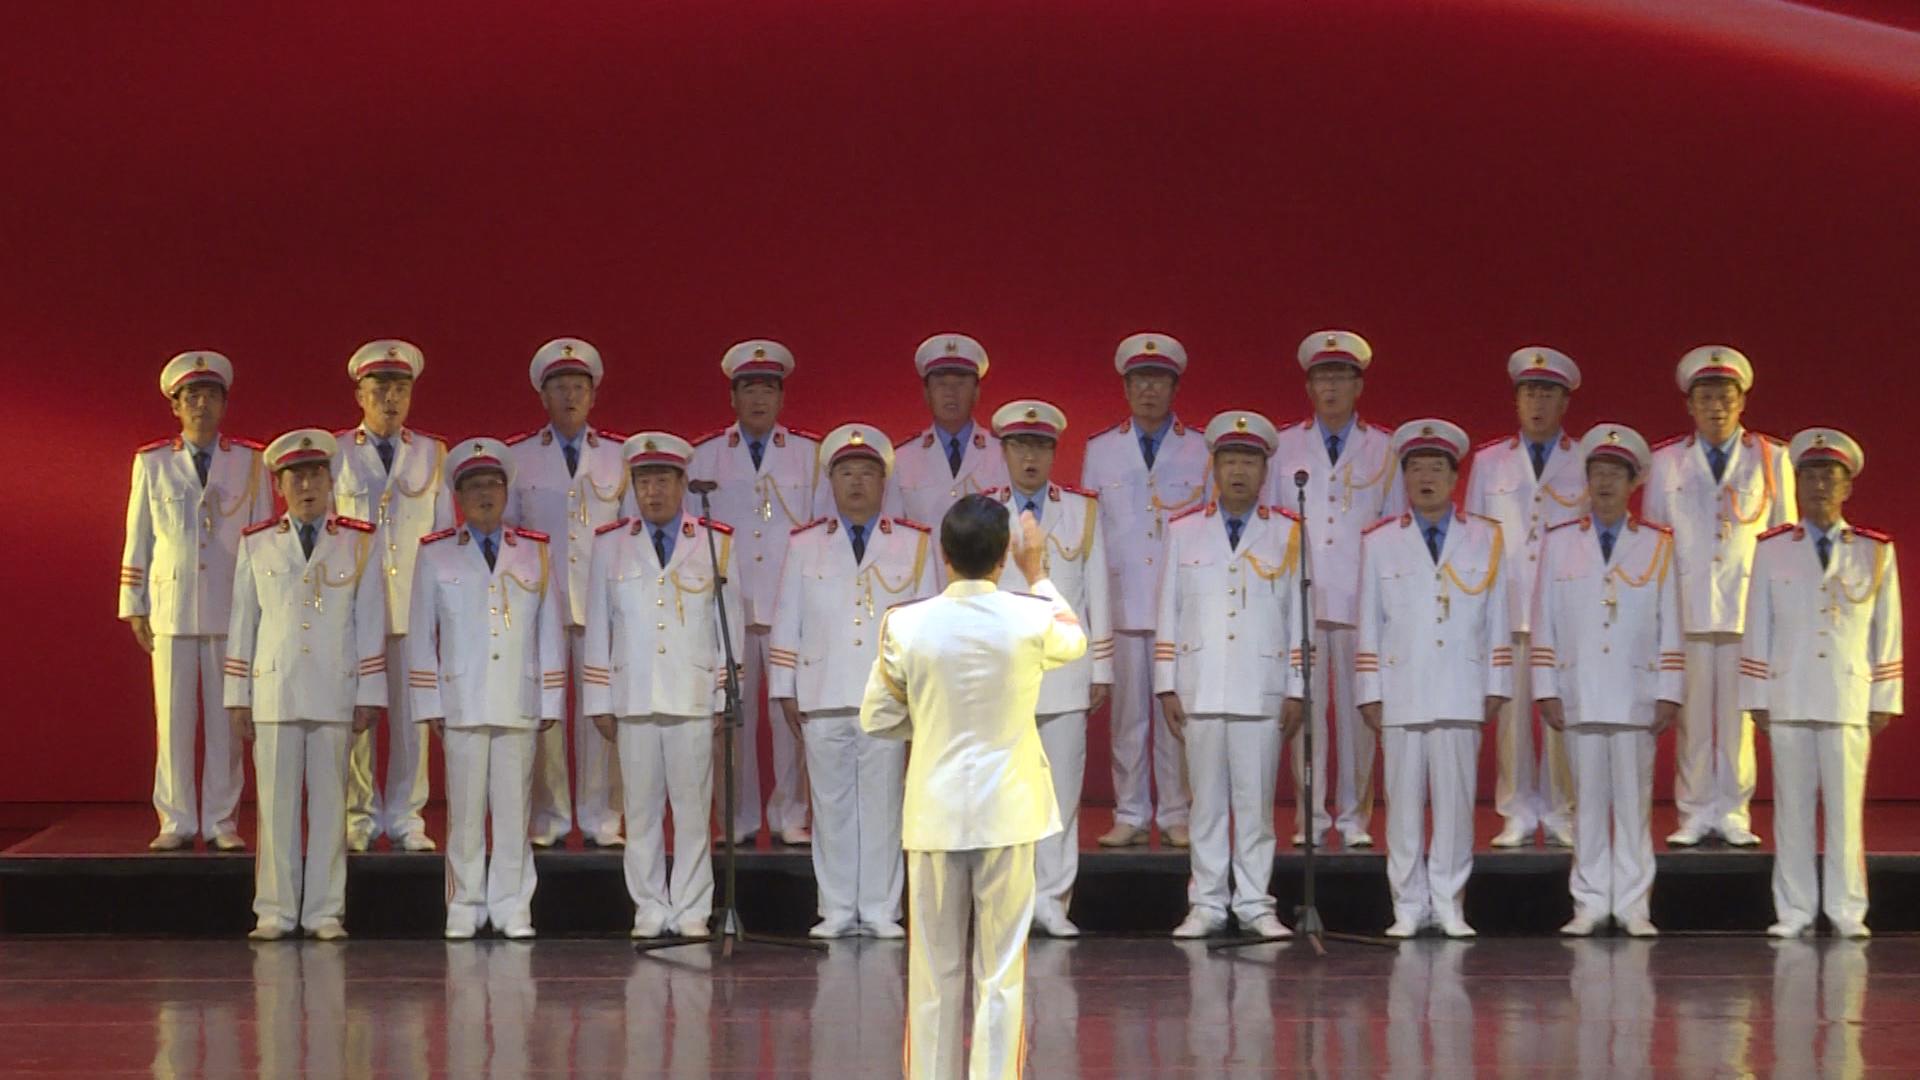 大合唱《咱当兵的人》熟悉的旋律,热血沸腾的歌词,仿佛进入军营